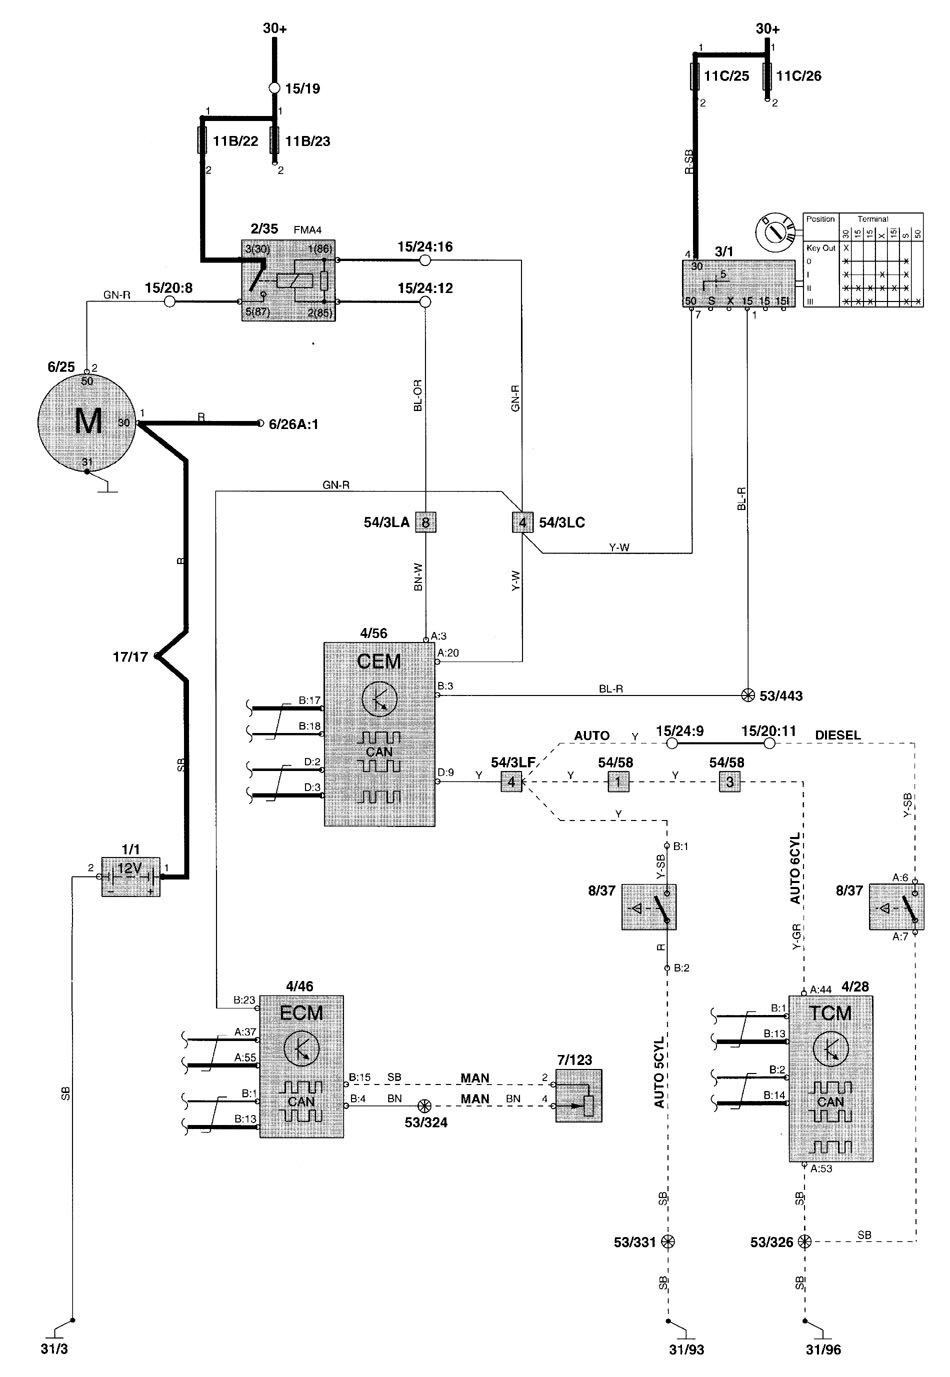 Wiring Diagram Volvo V70 2008 : Volvo v wiring diagrams starting carknowledge